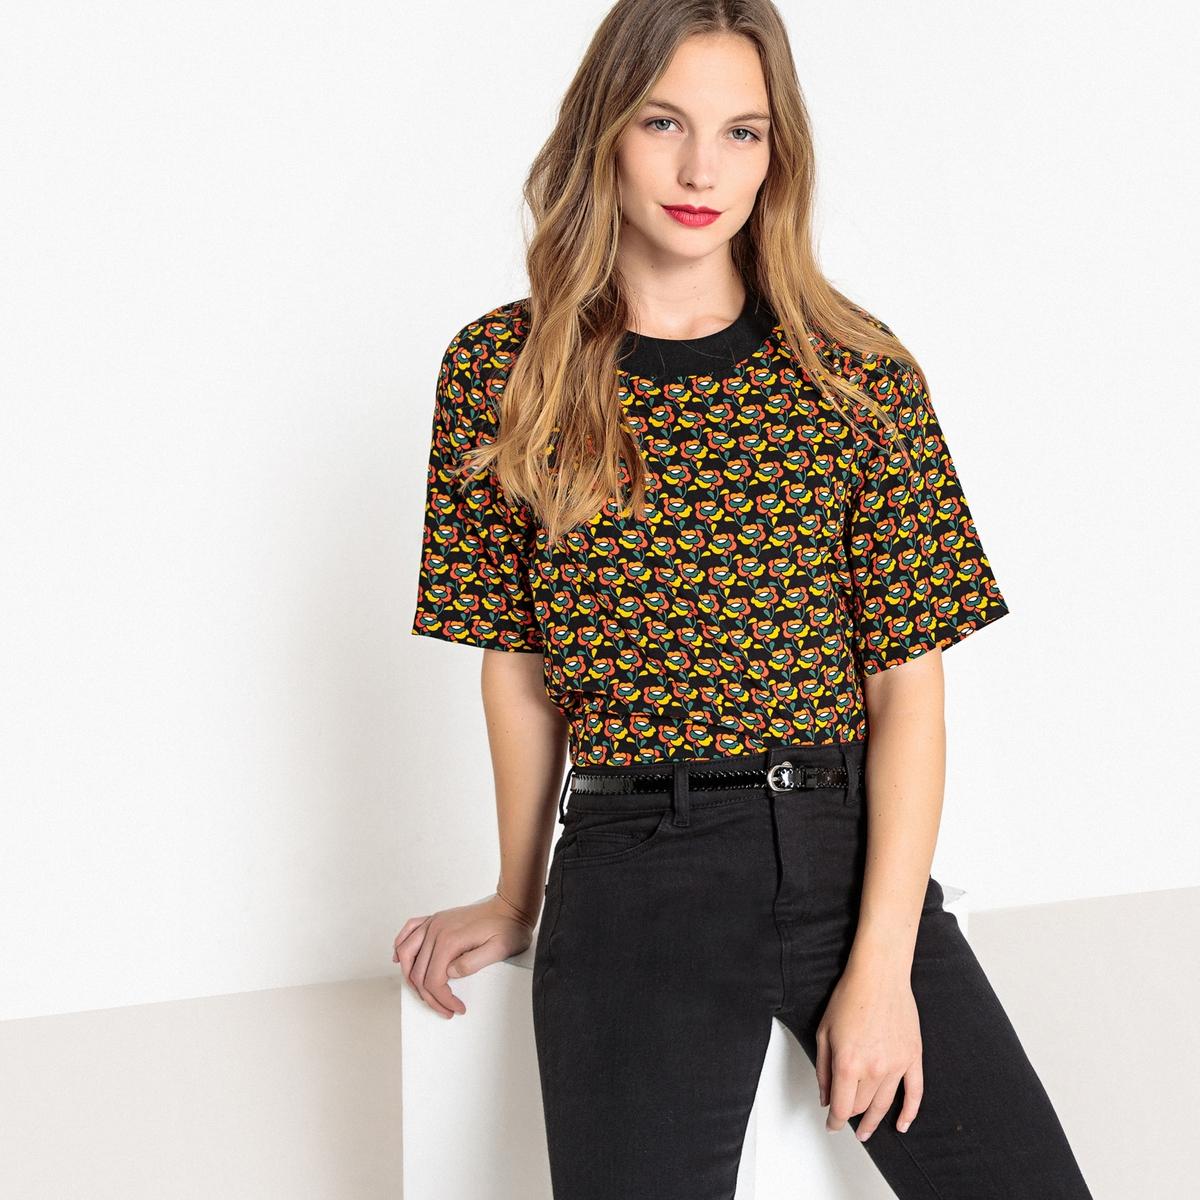 Blusa com gola redonda, estampado floral, mangas curtas